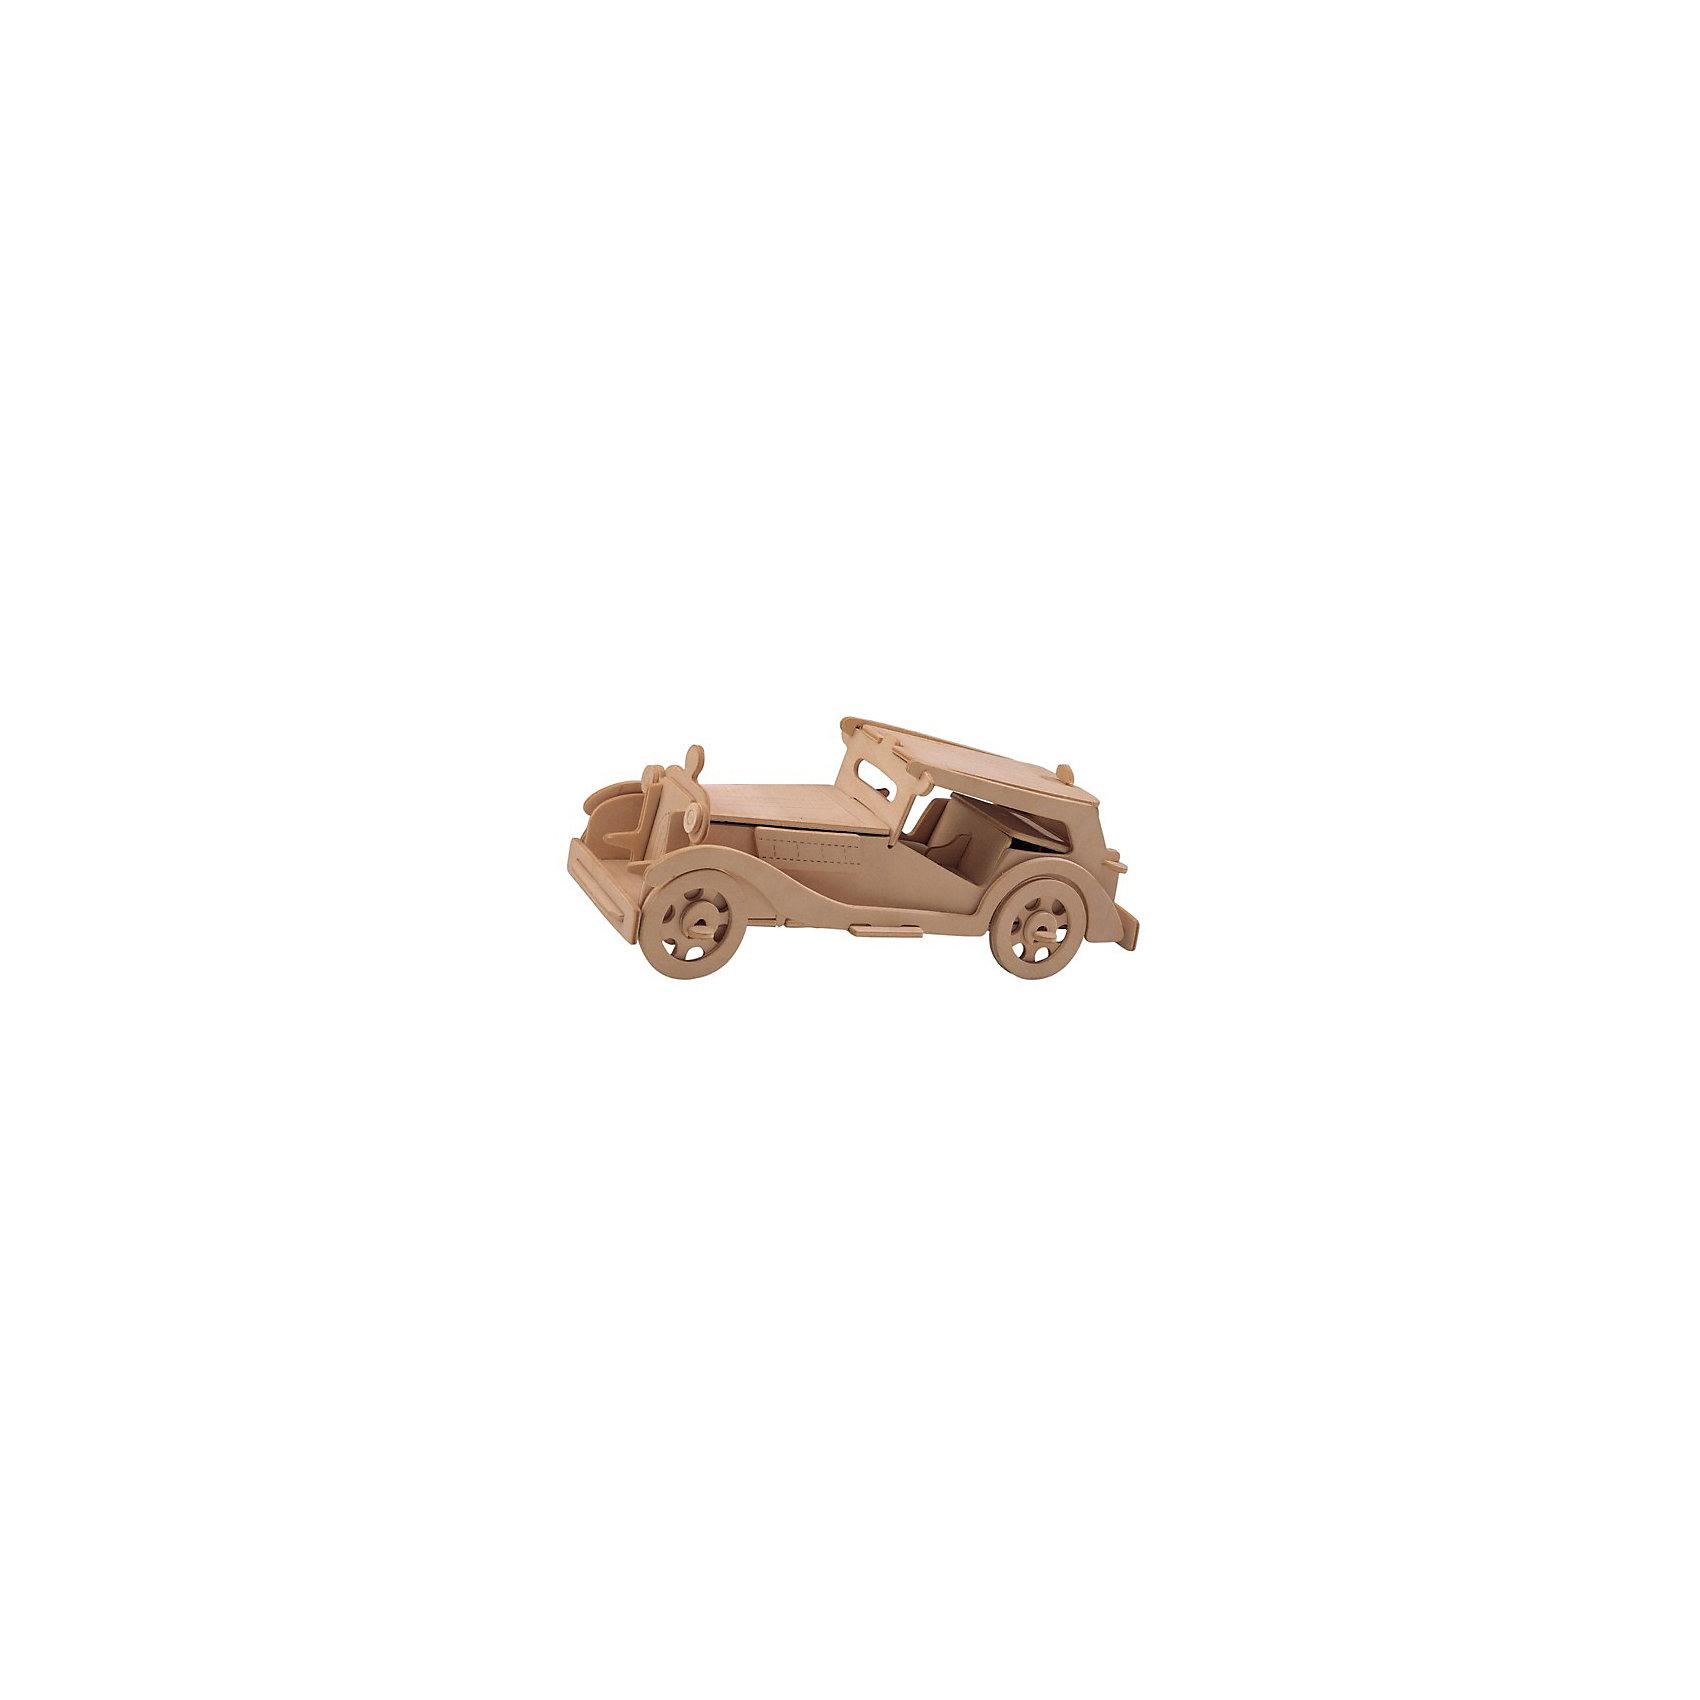 Обурн, Мир деревянных игрушекДеревянные конструкторы<br>Отличный вариант подарка для любящего технику творческого ребенка - этот набор, из которого можно самому сделать красивую деревянную фигуру! Для этого нужно выдавить из пластины с деталями элементы для сборки и соединить их. Из наборов получаются красивые очень реалистичные игрушки, которые могут стать украшением комнаты.<br>Собирая их, ребенок будет развивать пространственное мышление, память и мелкую моторику. А раскрашивая готовое произведение, дети научатся подбирать цвета и будут развивать художественные навыки. Этот набор произведен из качественных и безопасных для детей материалов - дерево тщательно обработано.<br><br>Дополнительная информация:<br><br>материал: дерево;<br>цвет: бежевый;<br>элементы: пластины с деталями для сборки, схема сборки;<br>размер упаковки: 23 х 37 см.<br><br>3D-пазл Обурн от бренда Мир деревянных игрушек можно купить в нашем магазине.<br><br>Ширина мм: 350<br>Глубина мм: 50<br>Высота мм: 225<br>Вес г: 450<br>Возраст от месяцев: 36<br>Возраст до месяцев: 144<br>Пол: Унисекс<br>Возраст: Детский<br>SKU: 4969103